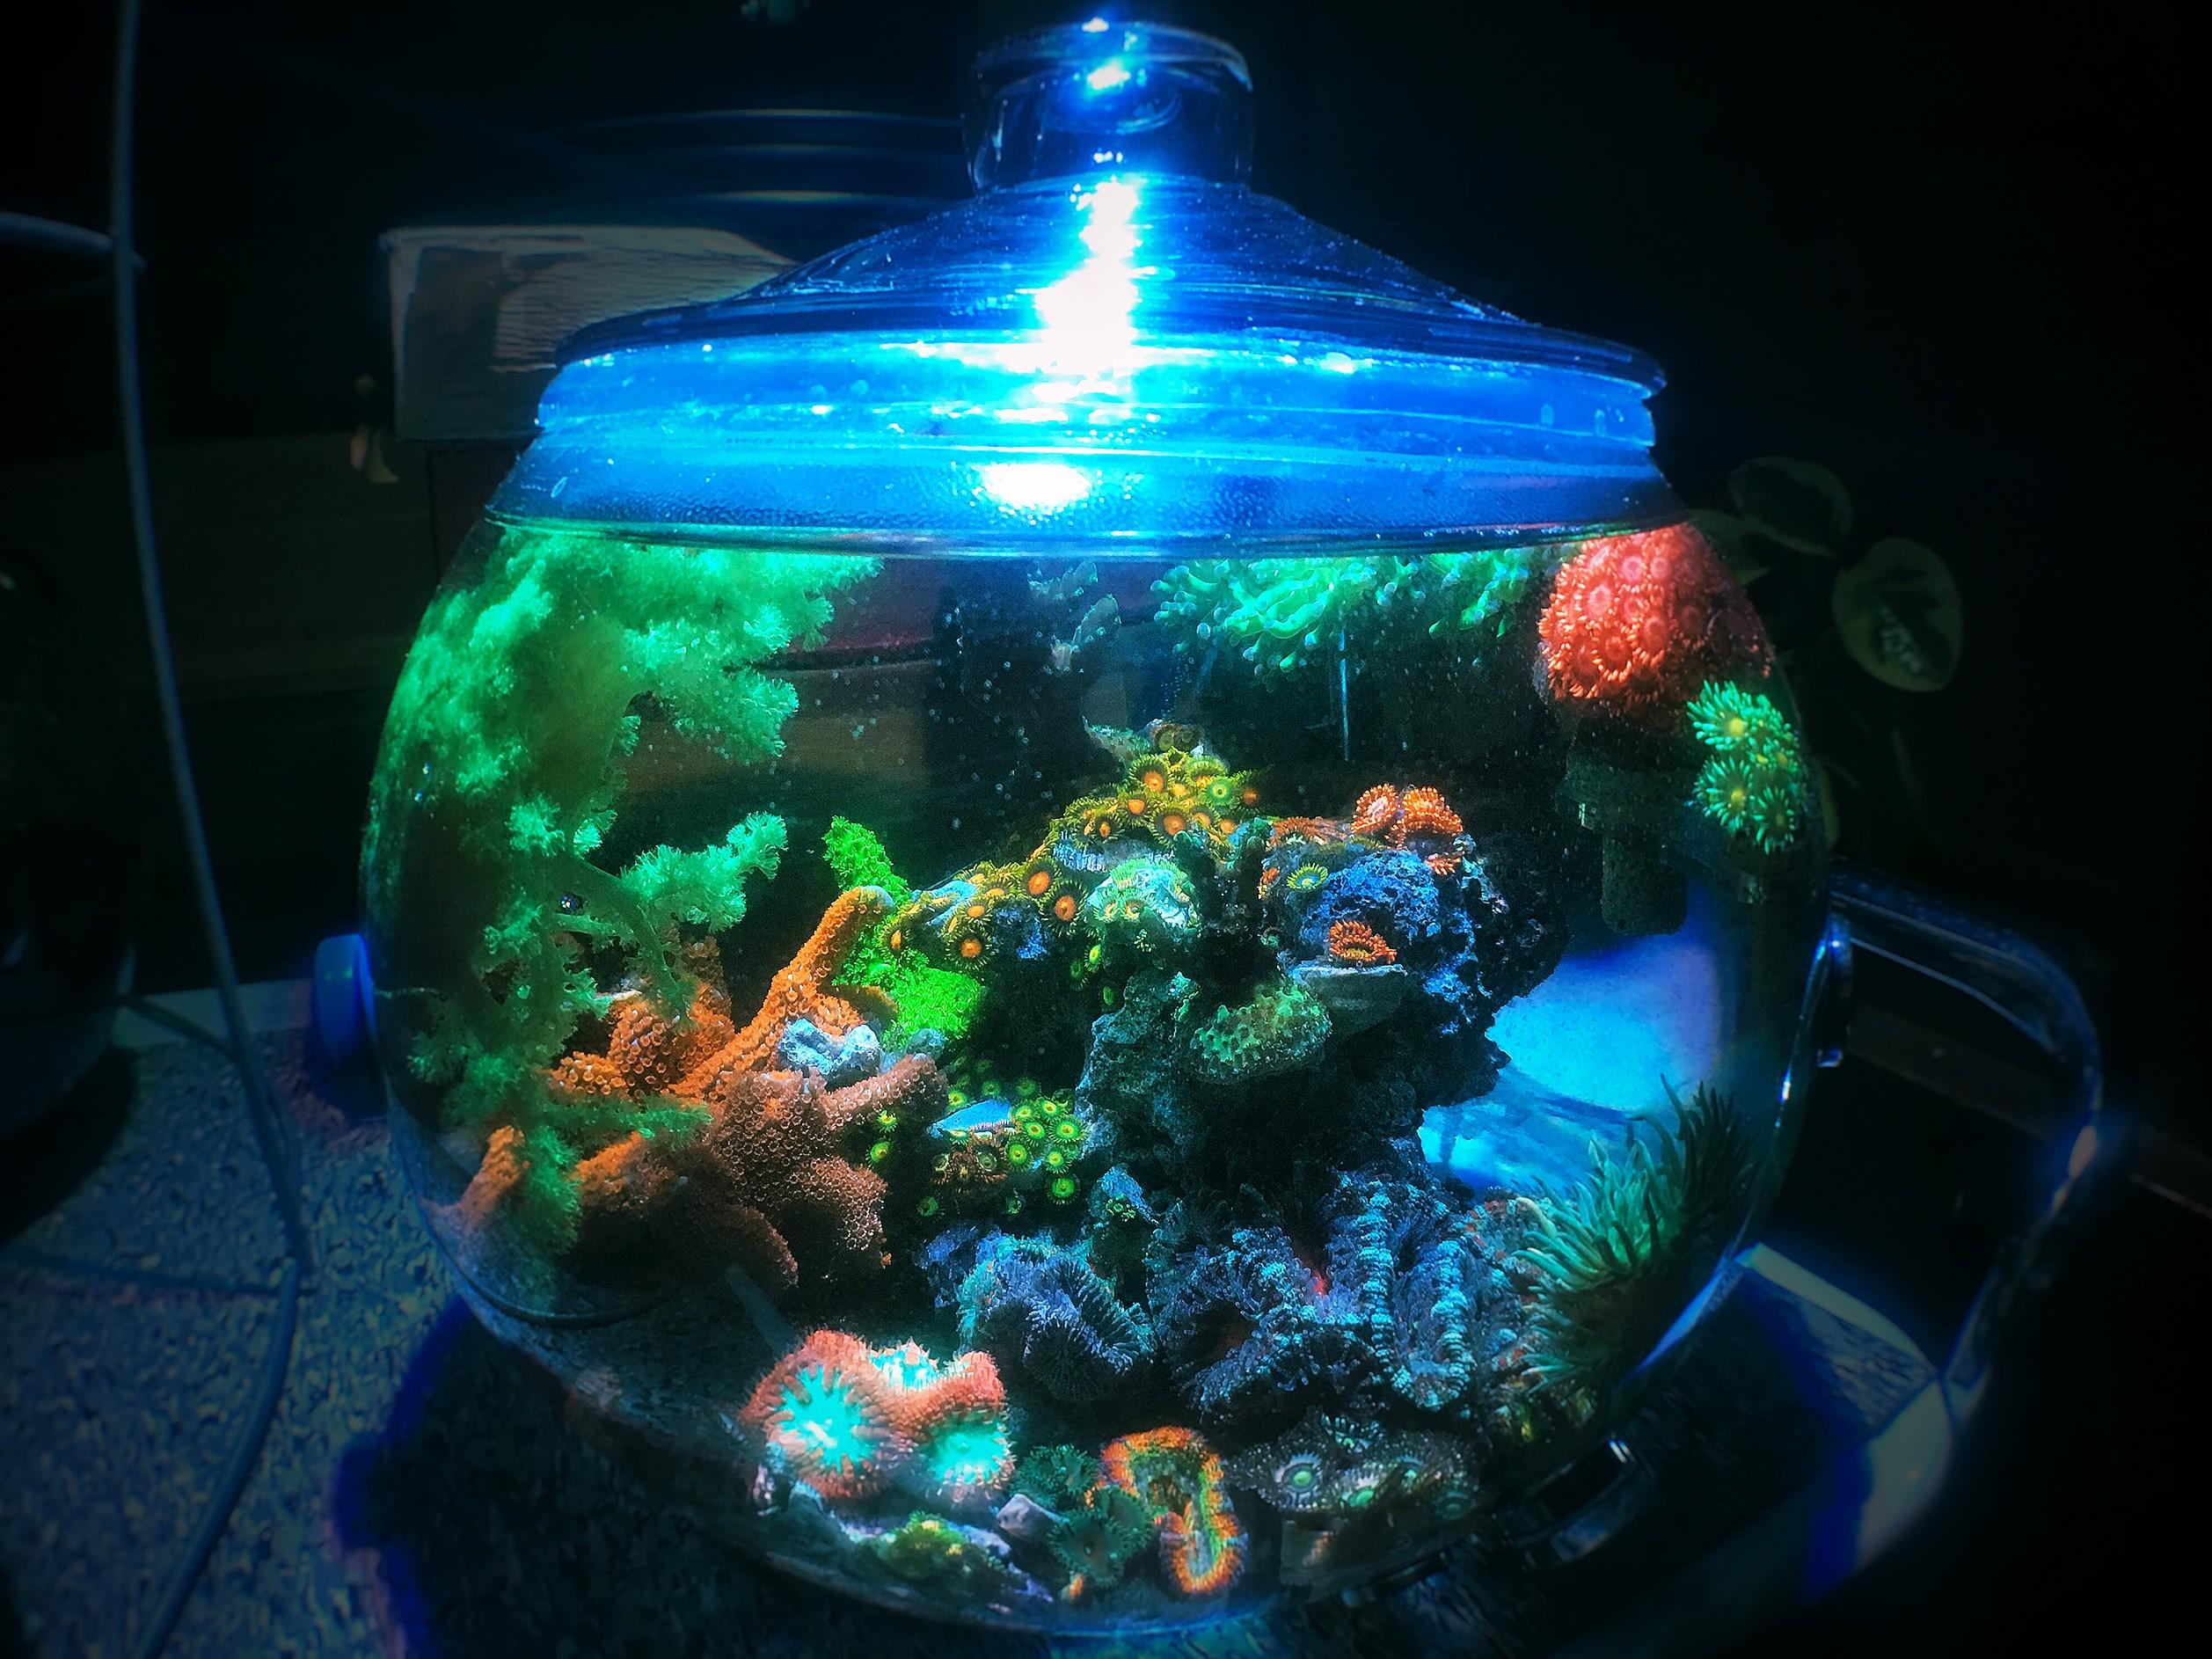 Natalia La Loca S 1 75 Gallon Glass Pico Reef Bowl April